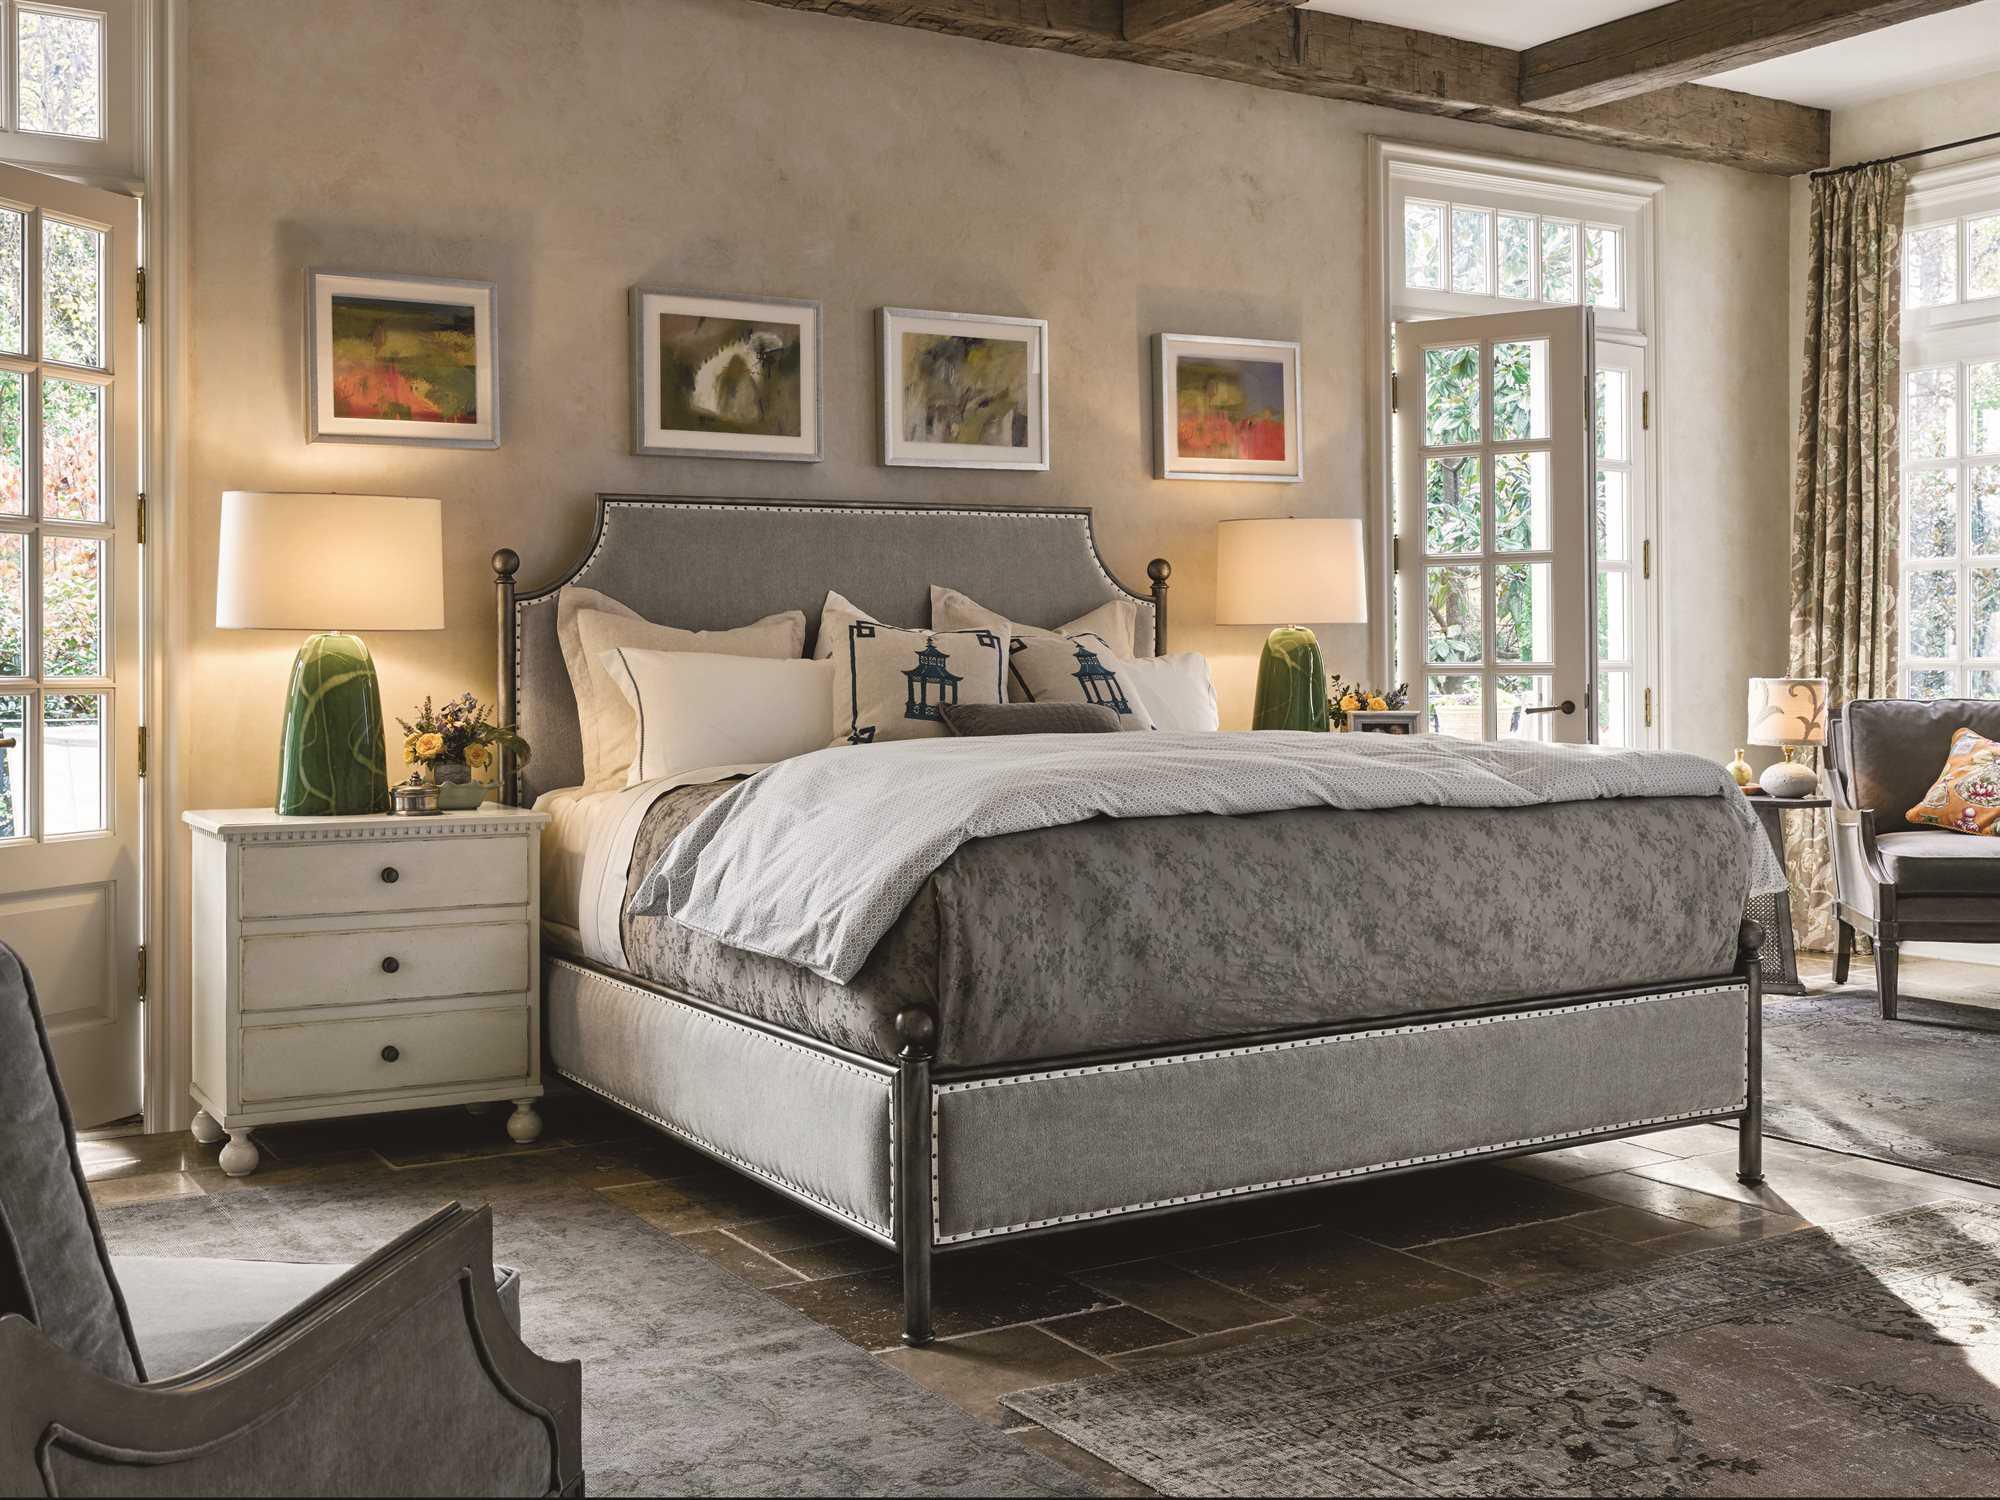 universal furniture sojourn respite bedroom set uf543b280bset. Black Bedroom Furniture Sets. Home Design Ideas